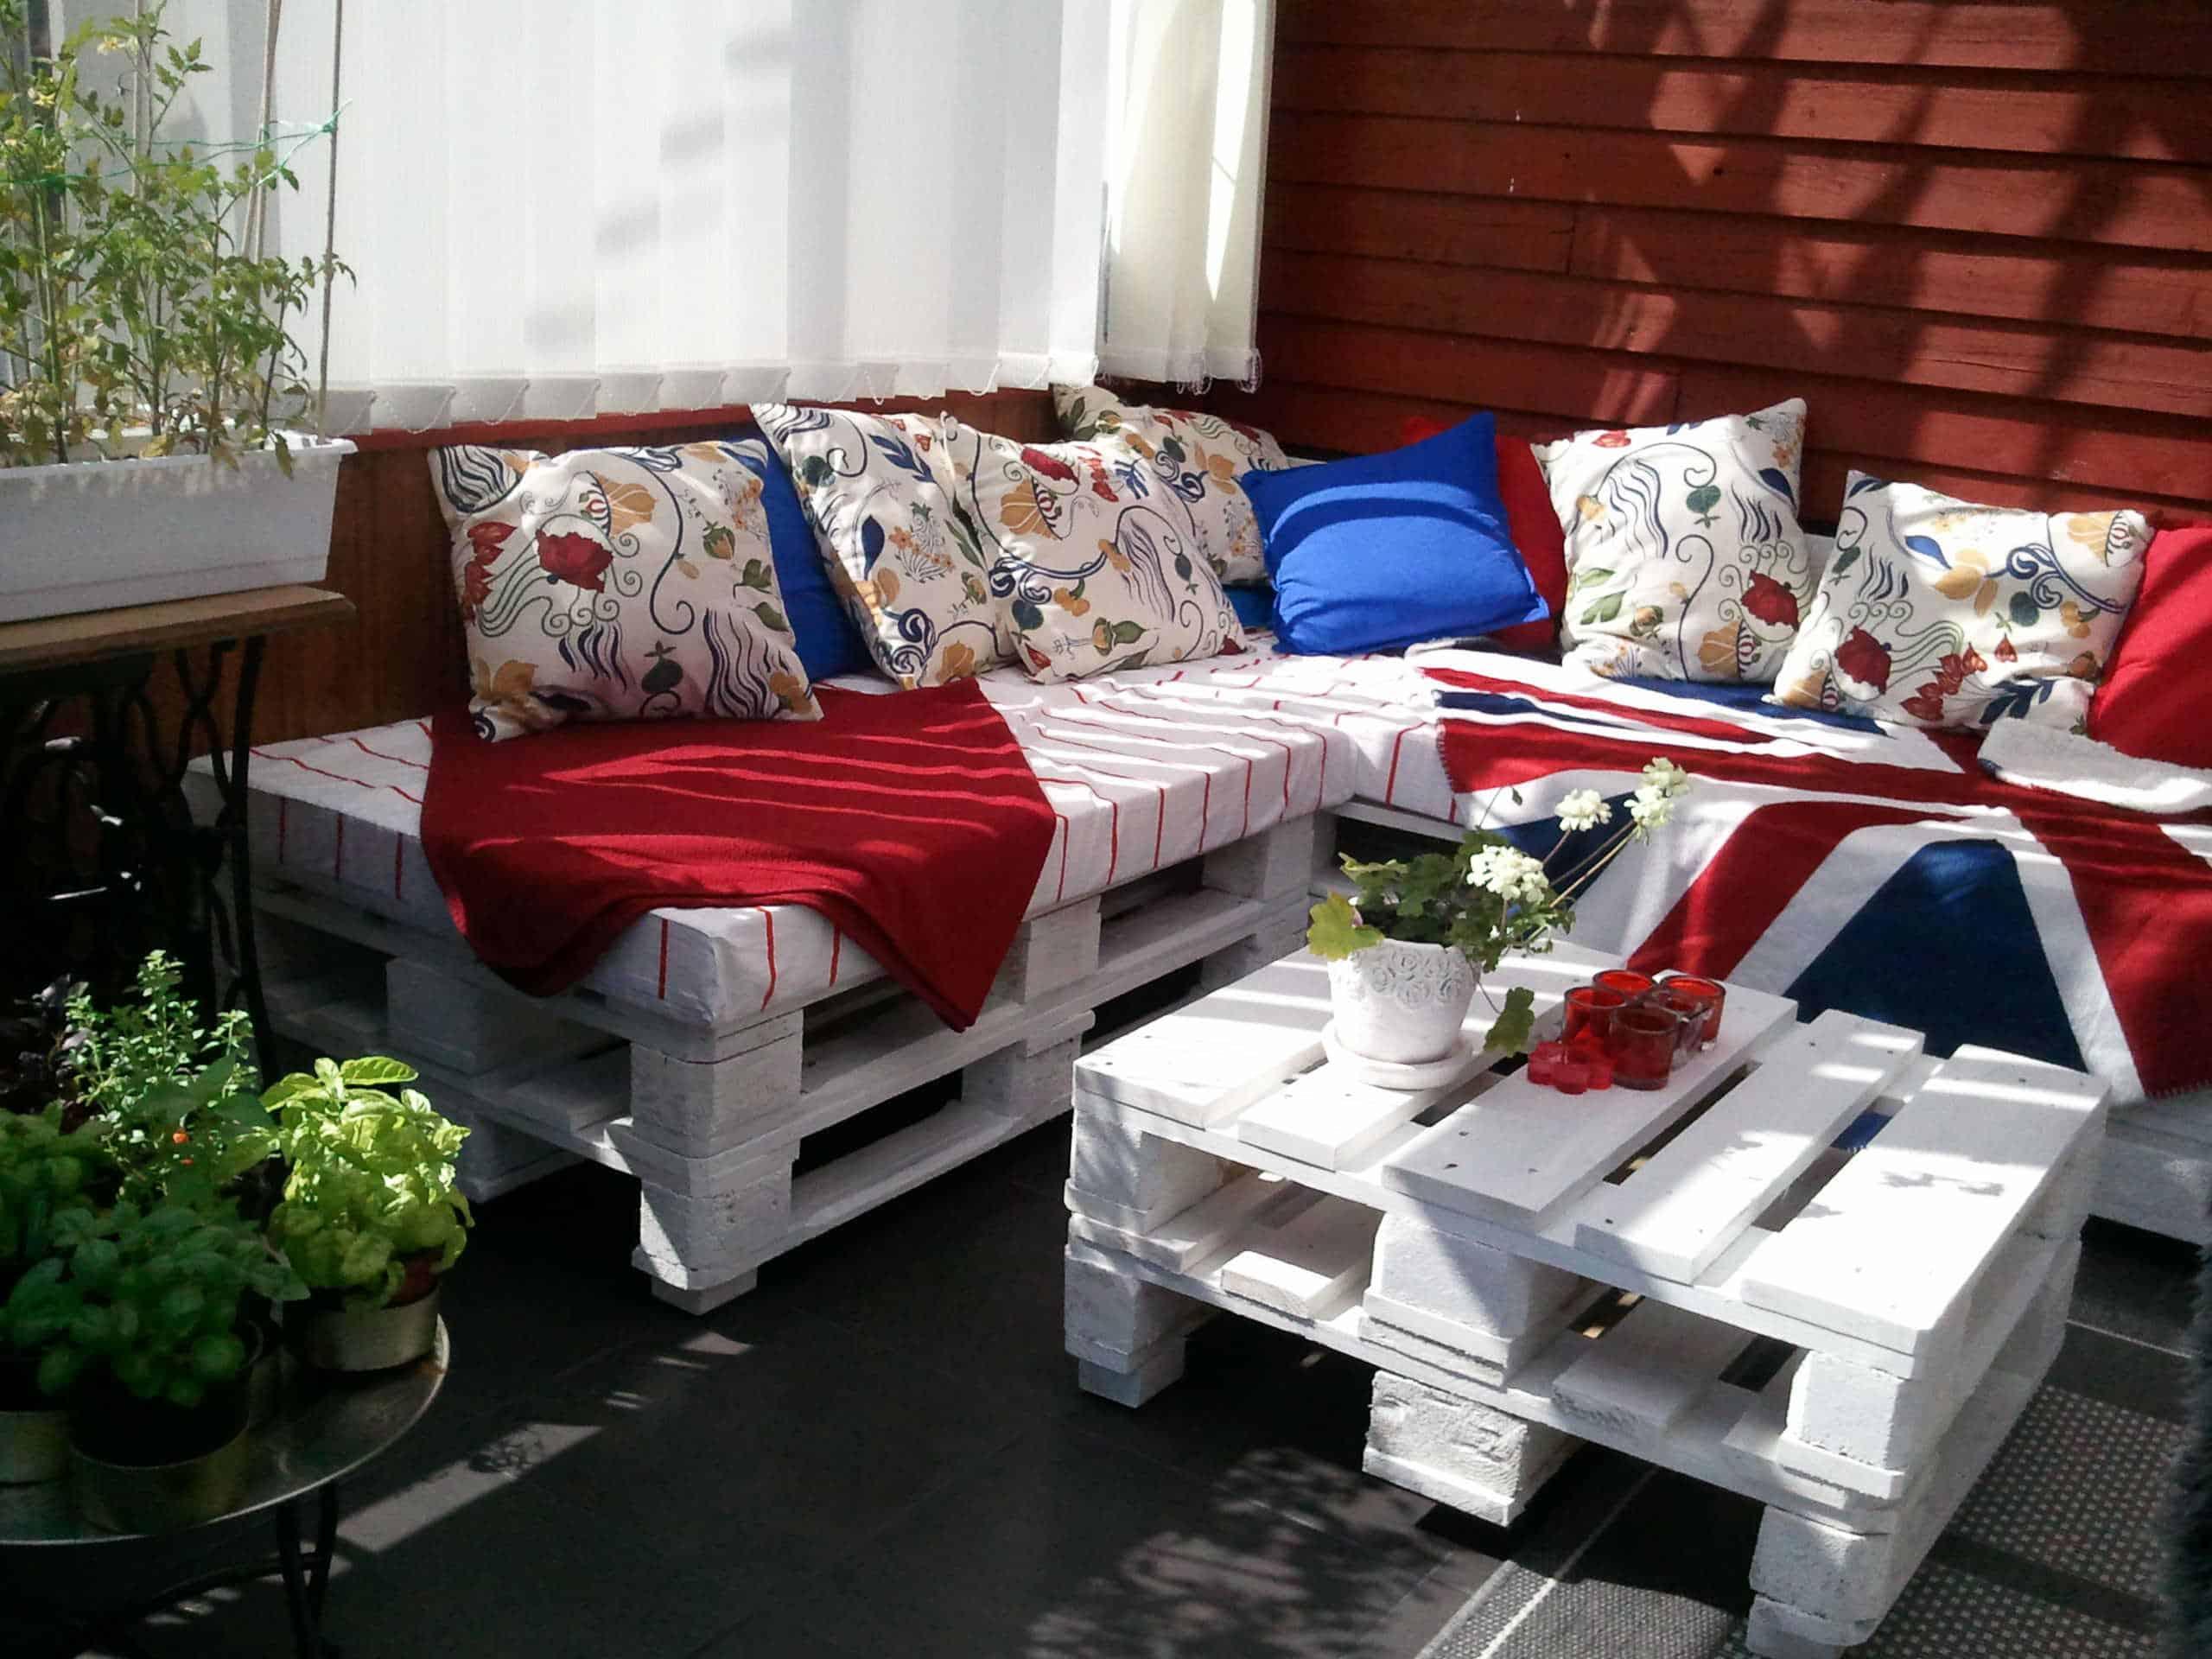 Terasse Palettenmöbel in rot, weiß und blau